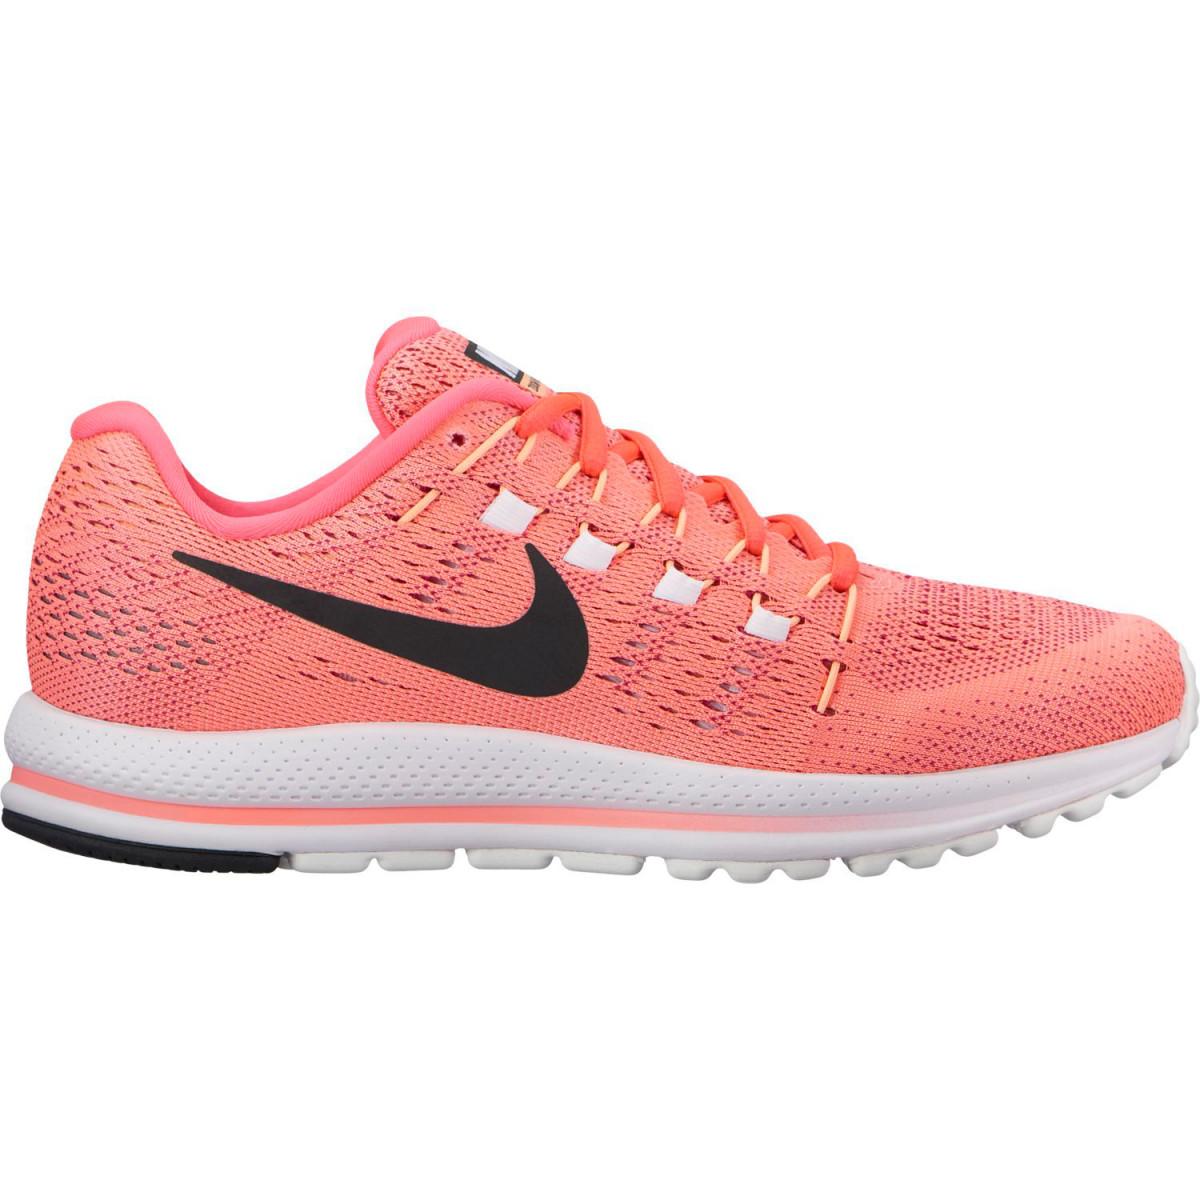 Zapatillas Nike Wmns Air Zoom Vomero 12